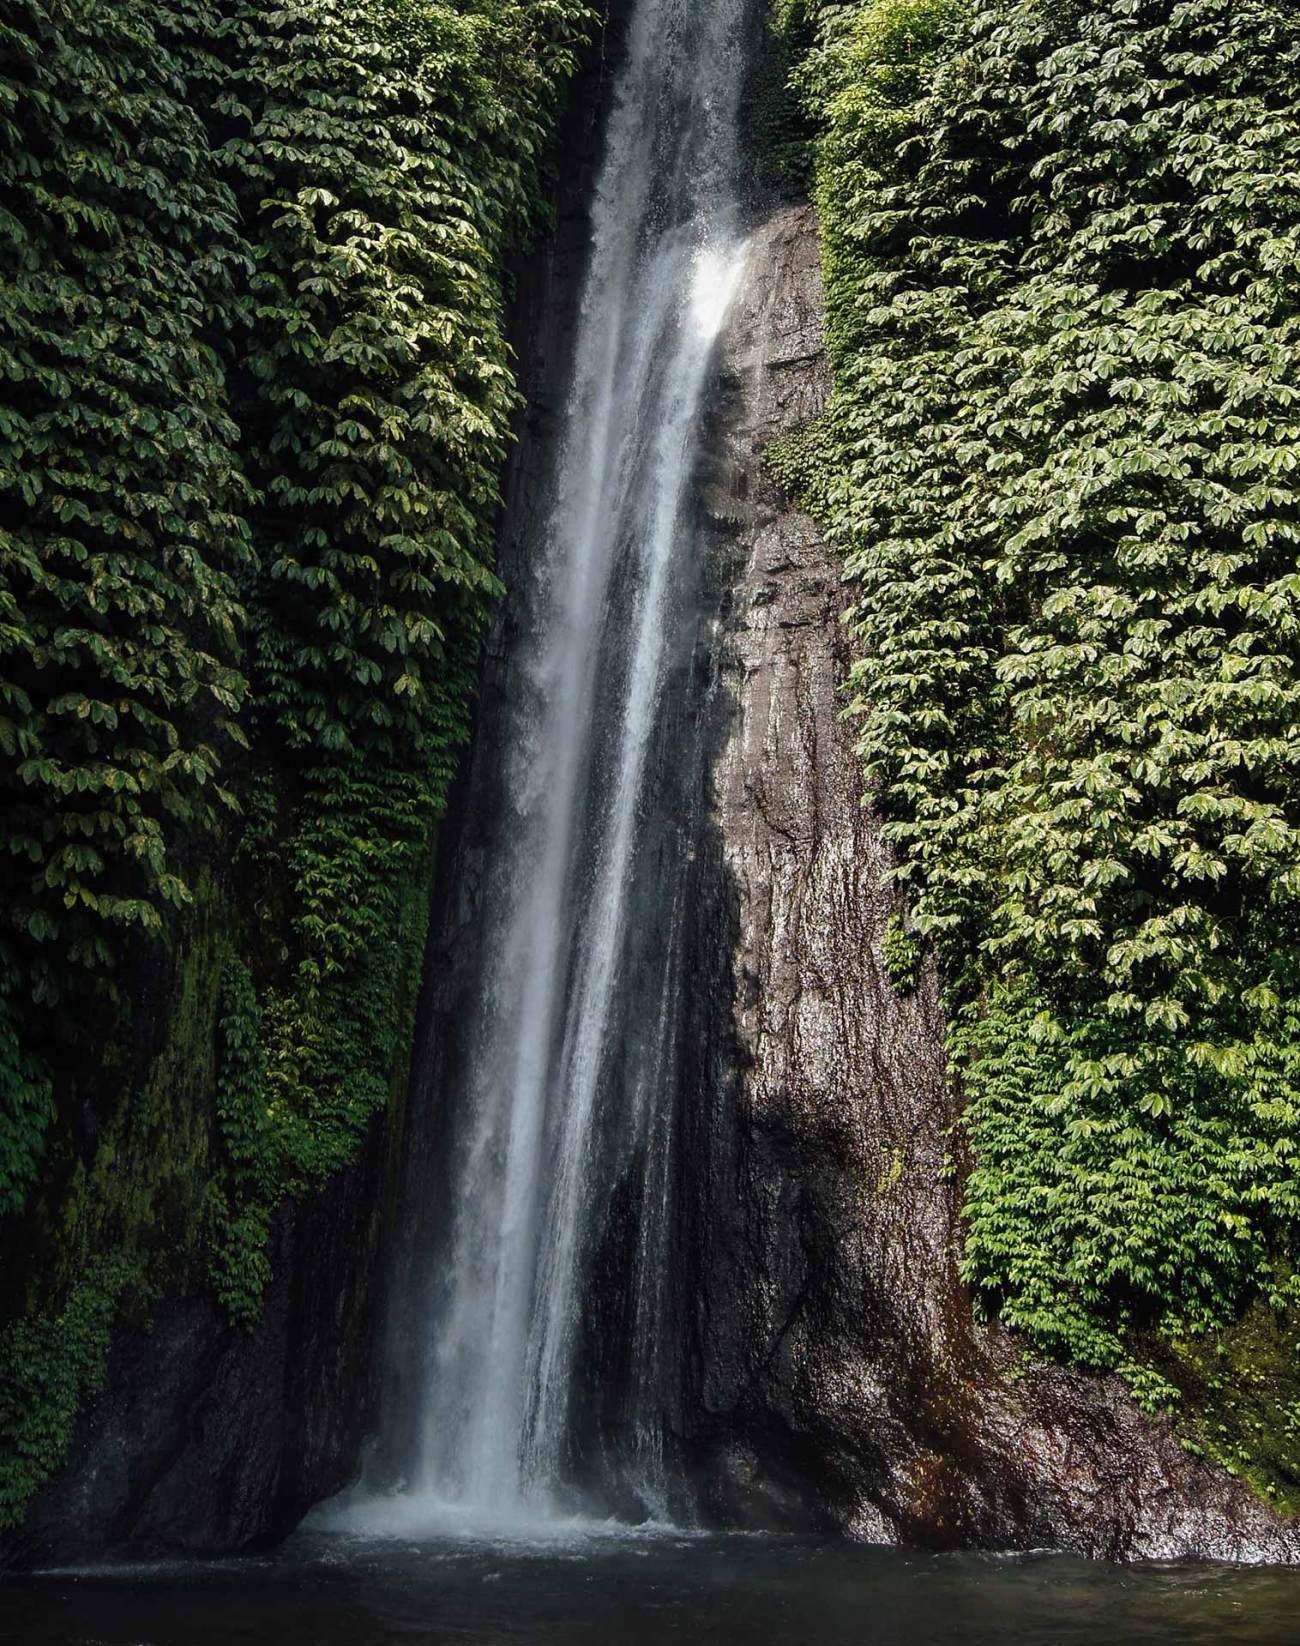 Bali ist bekannt für seine zahlreichen tosenden Wasserfälle inmitten des Regenwalds